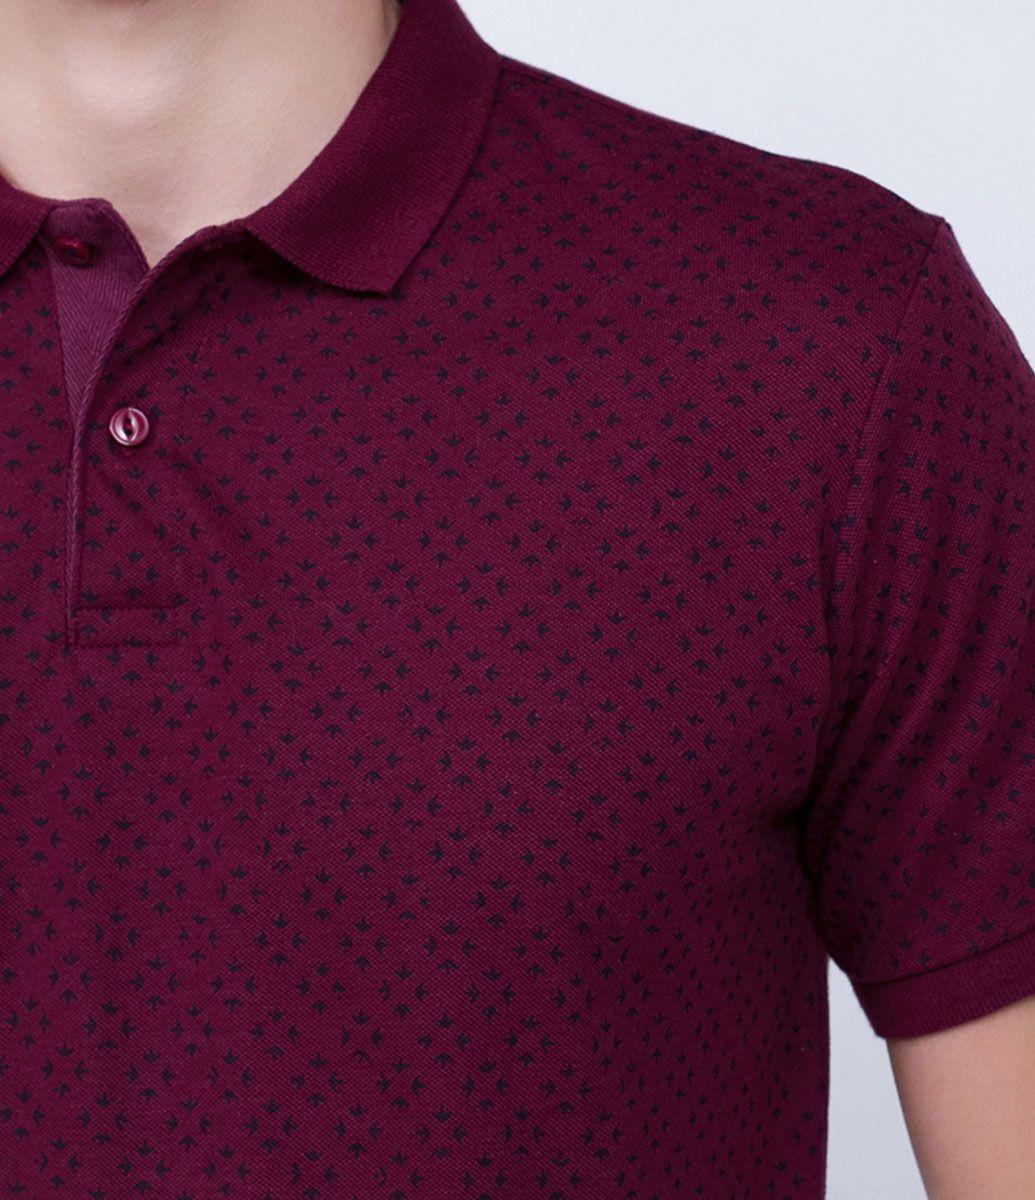 Camisa masculina Manga curta Gola polo Estampada Marca  Marfinno Tecido   malha Composição  100 7646674e78831